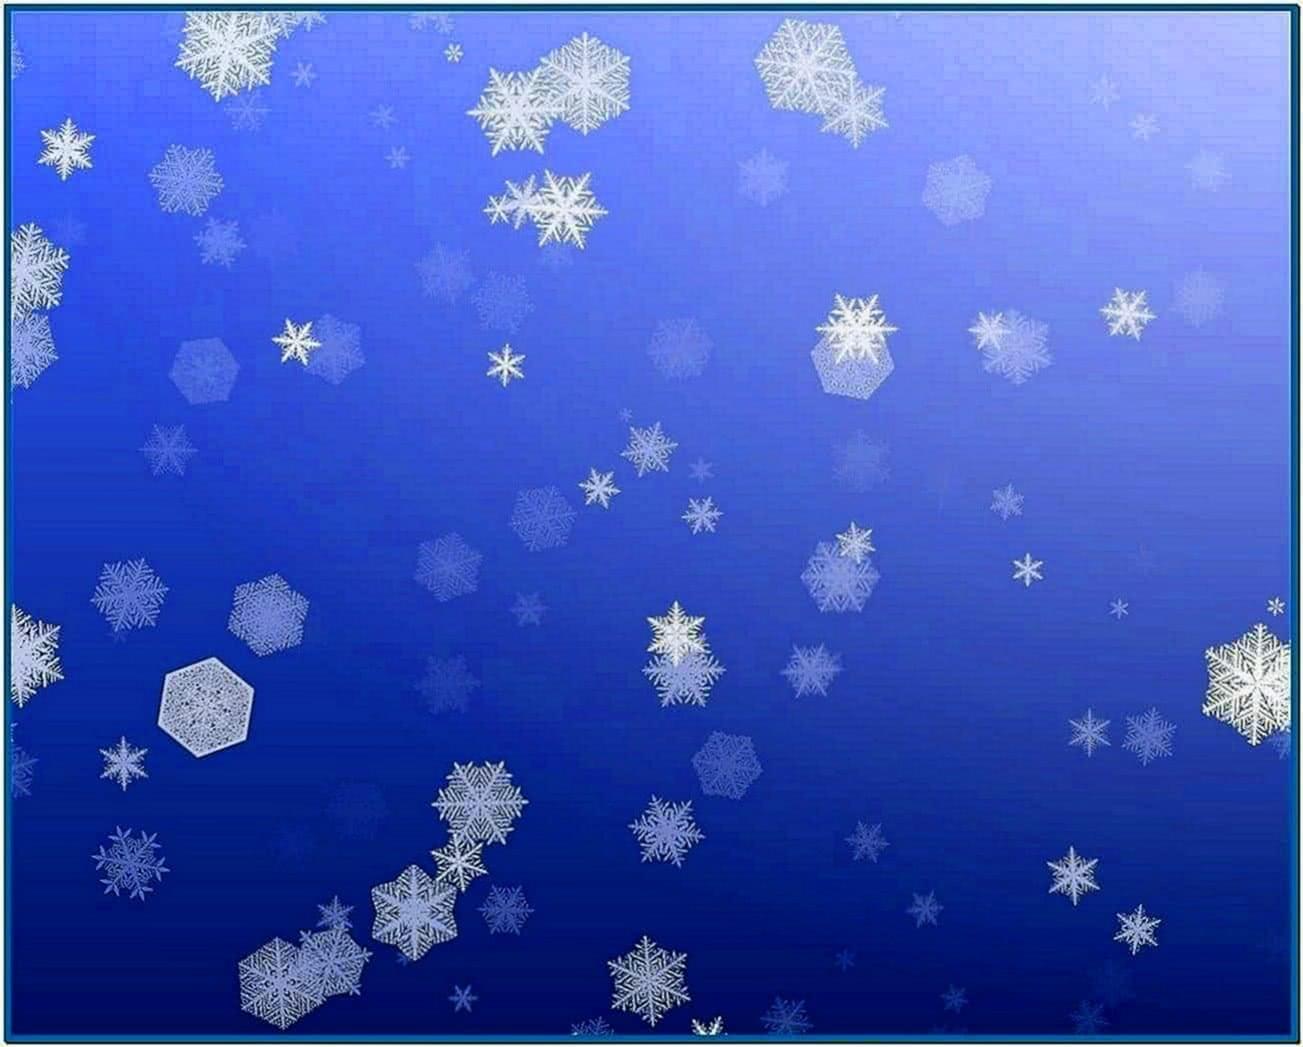 Lotsa Snow Screensaver Mac